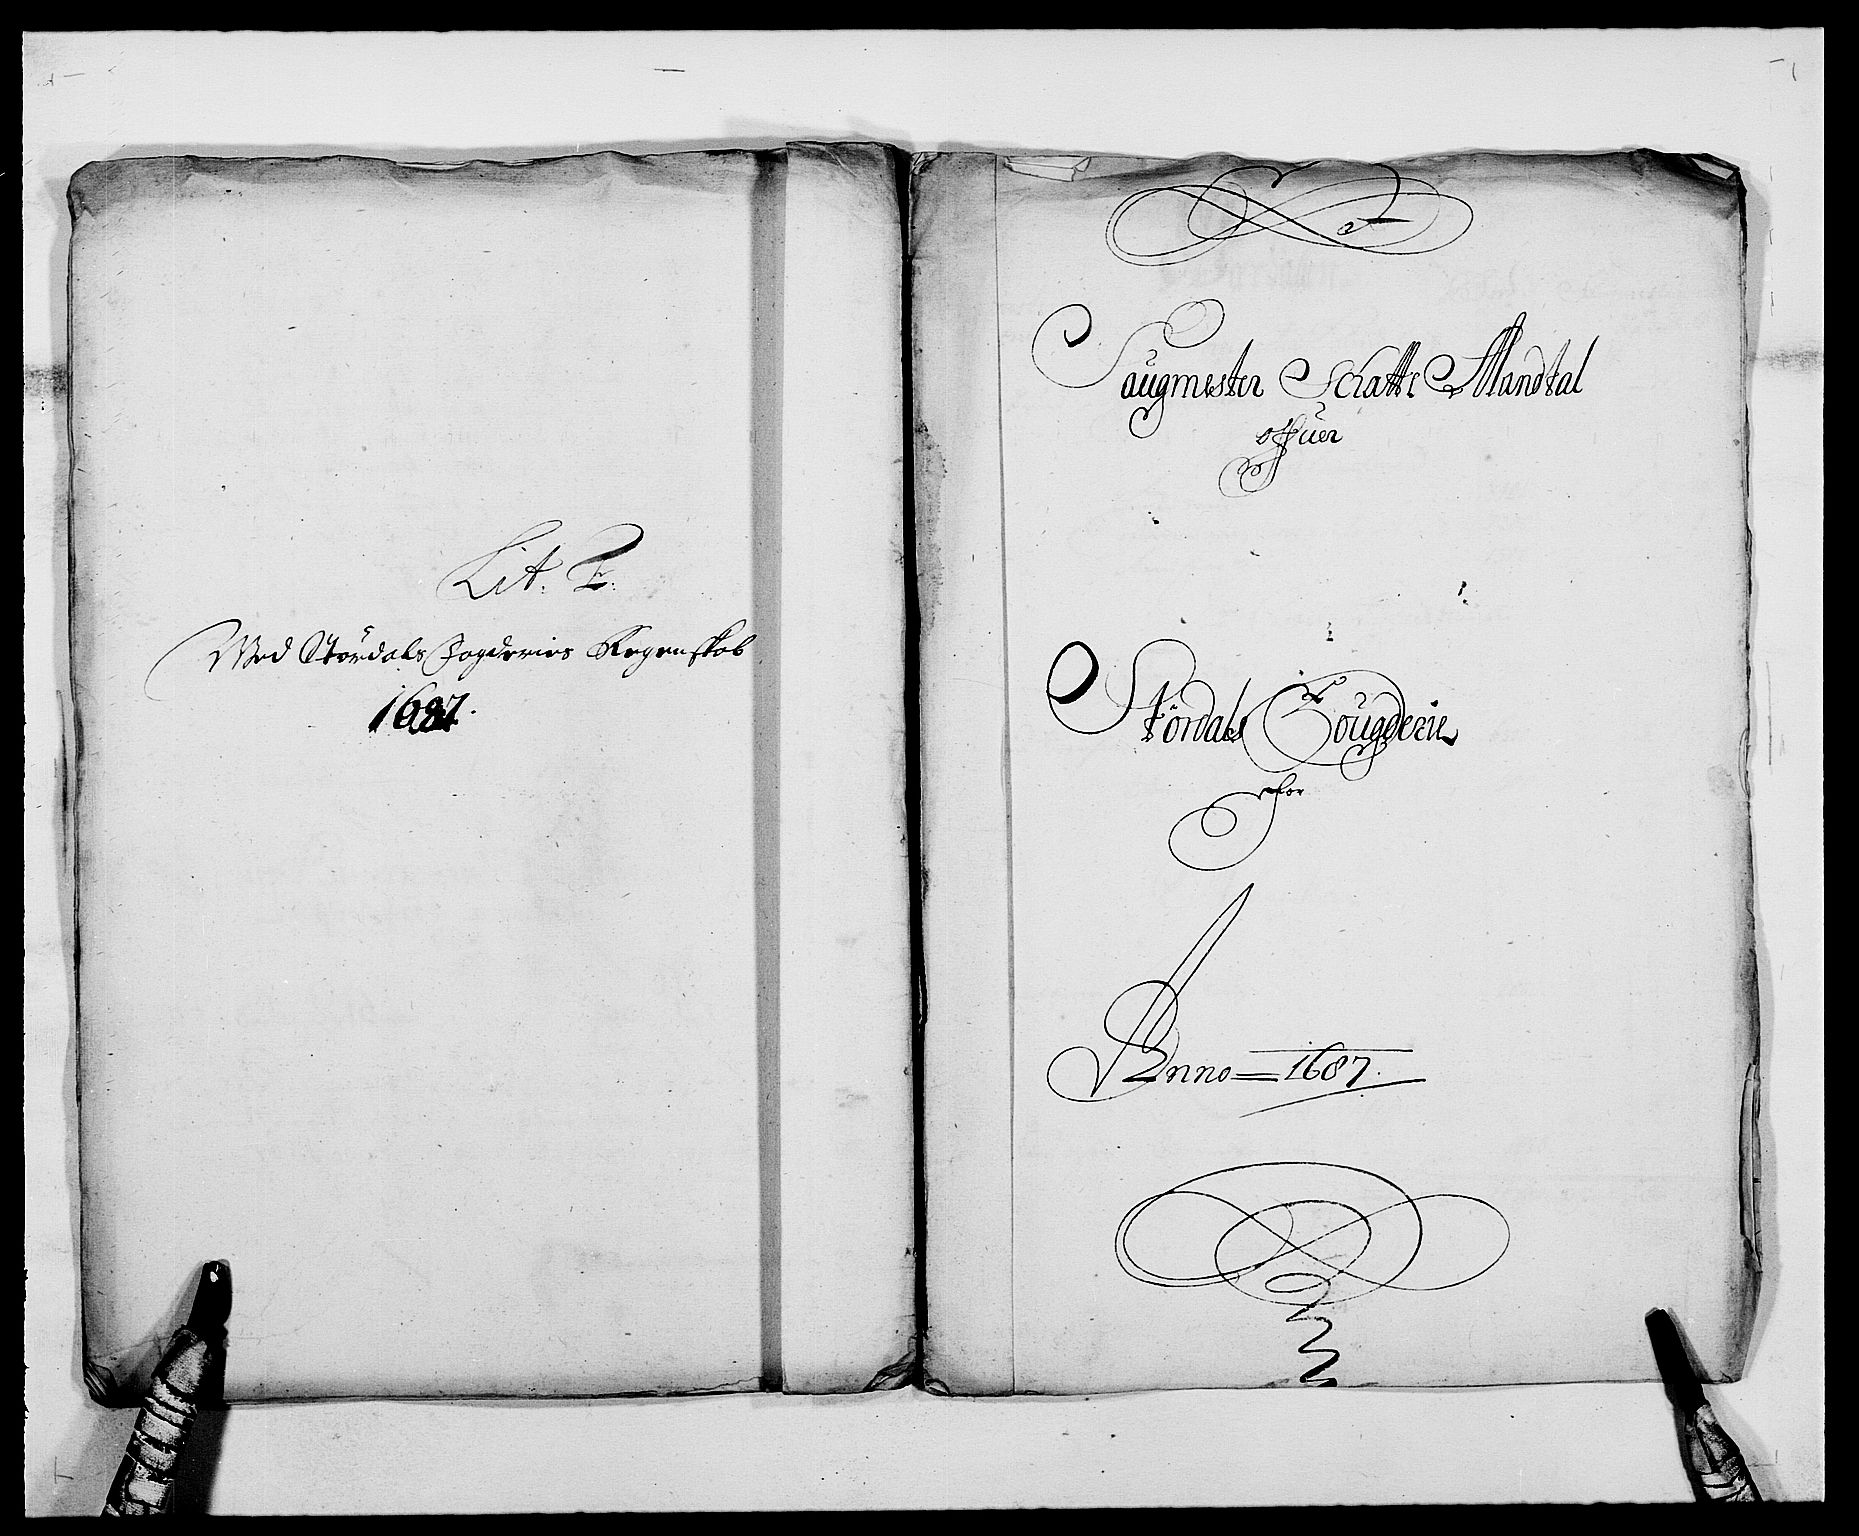 RA, Rentekammeret inntil 1814, Reviderte regnskaper, Fogderegnskap, R62/L4183: Fogderegnskap Stjørdal og Verdal, 1687-1689, s. 44